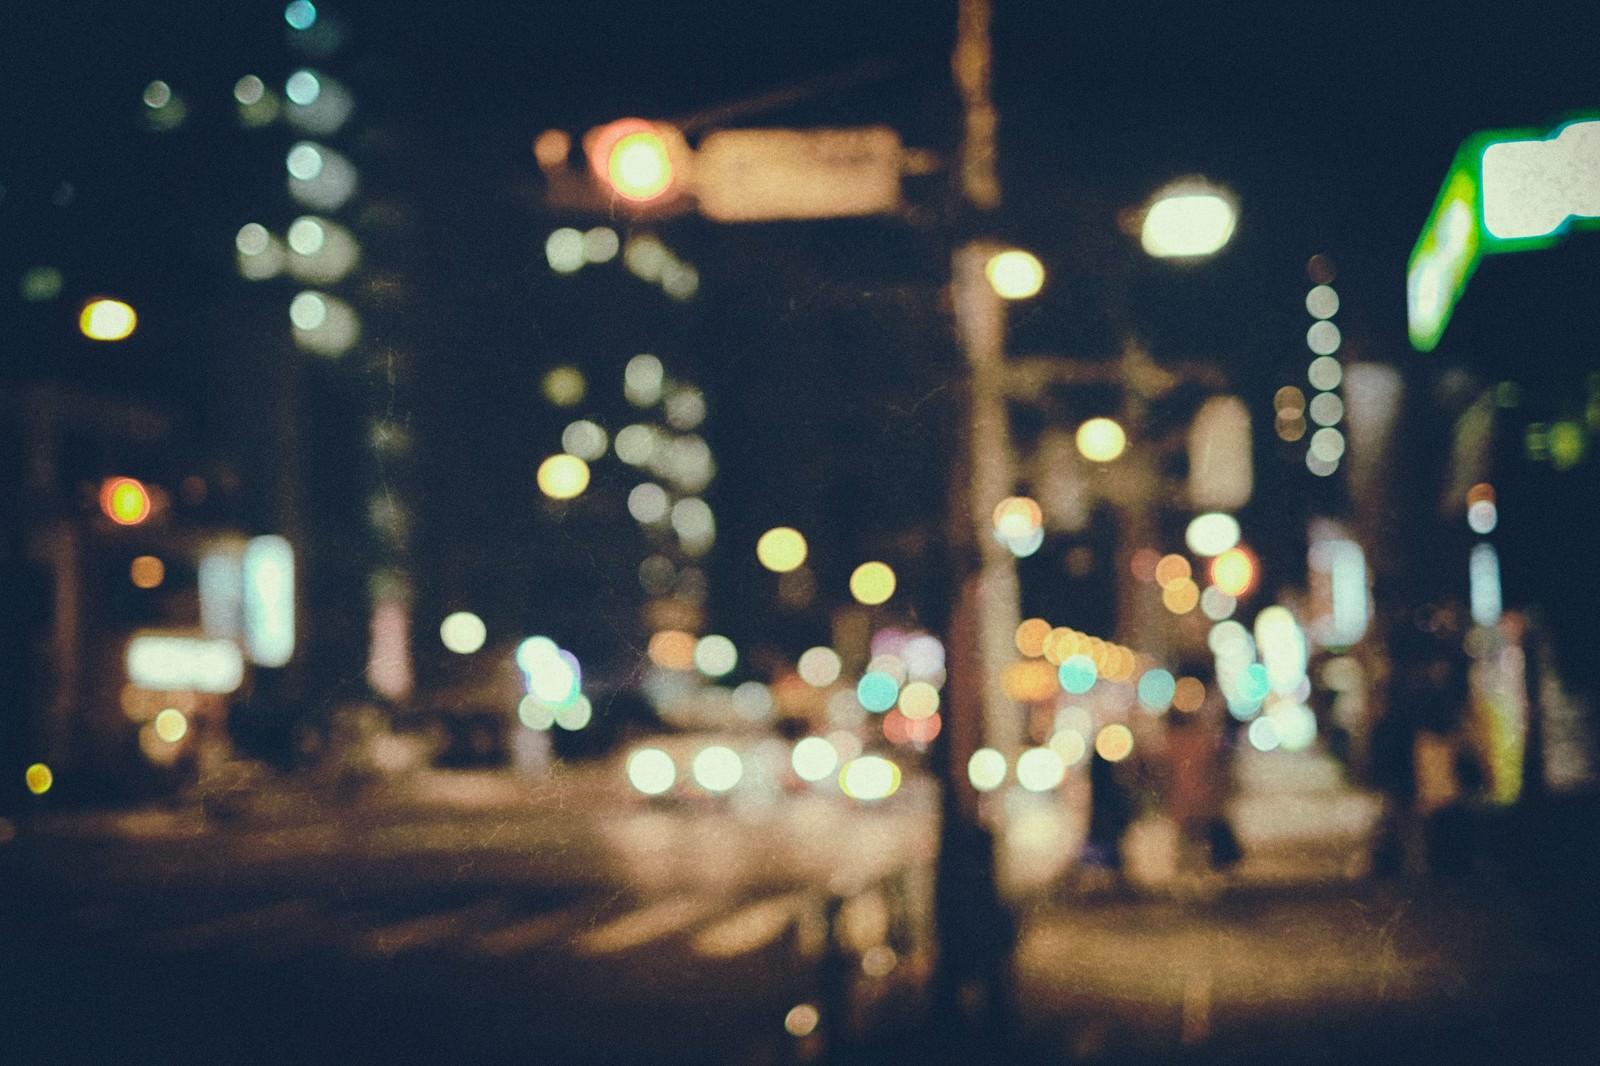 「夜間外出(ノイズ)夜間外出(ノイズ)」のフリー写真素材を拡大